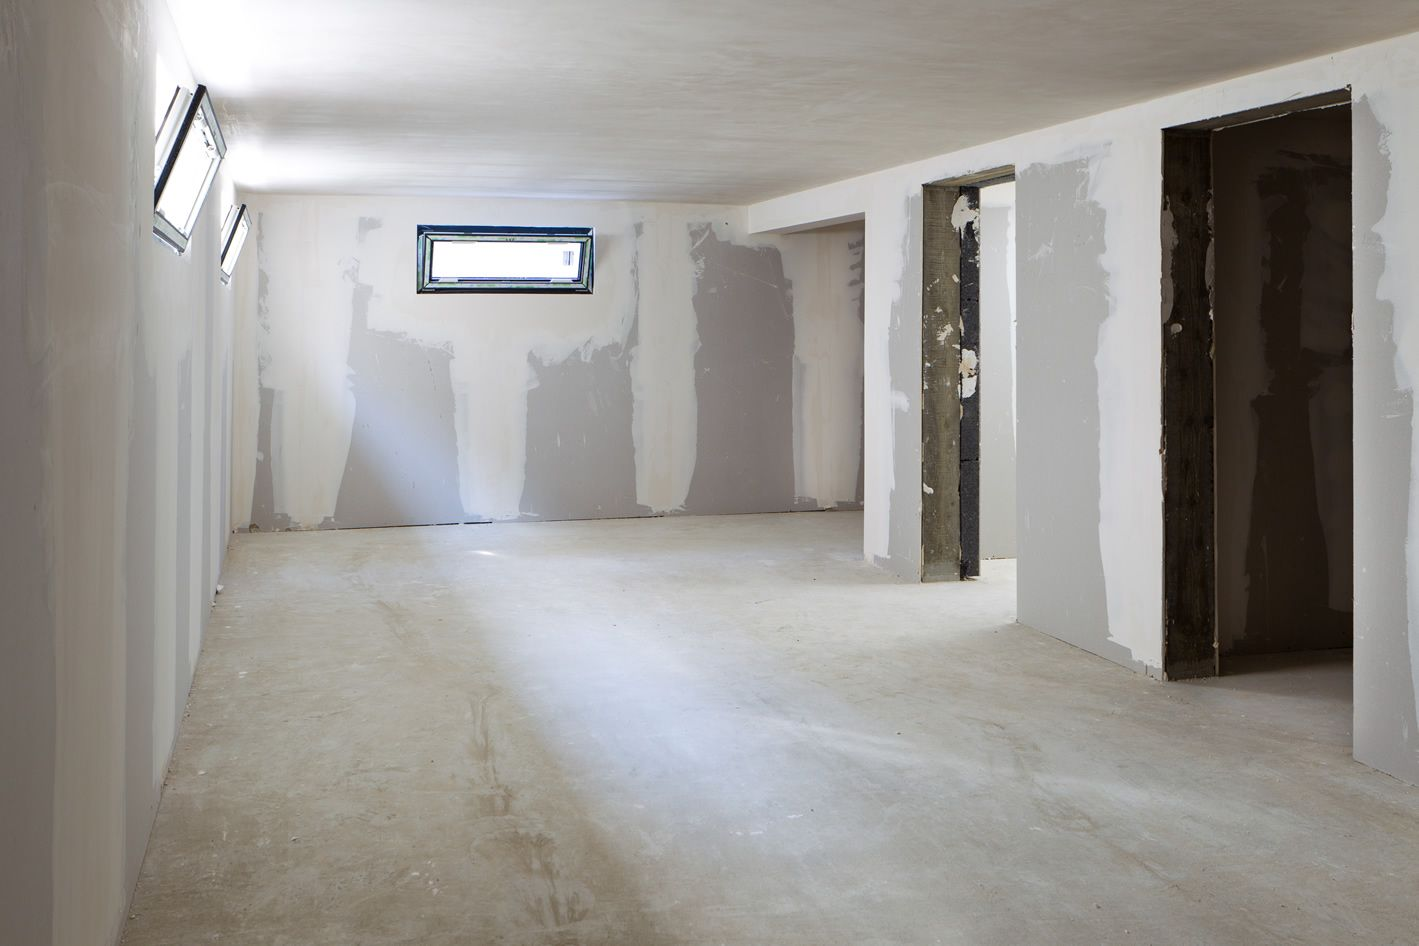 Spiegelschacht Keller spiegelschacht funktionsweise home improvement